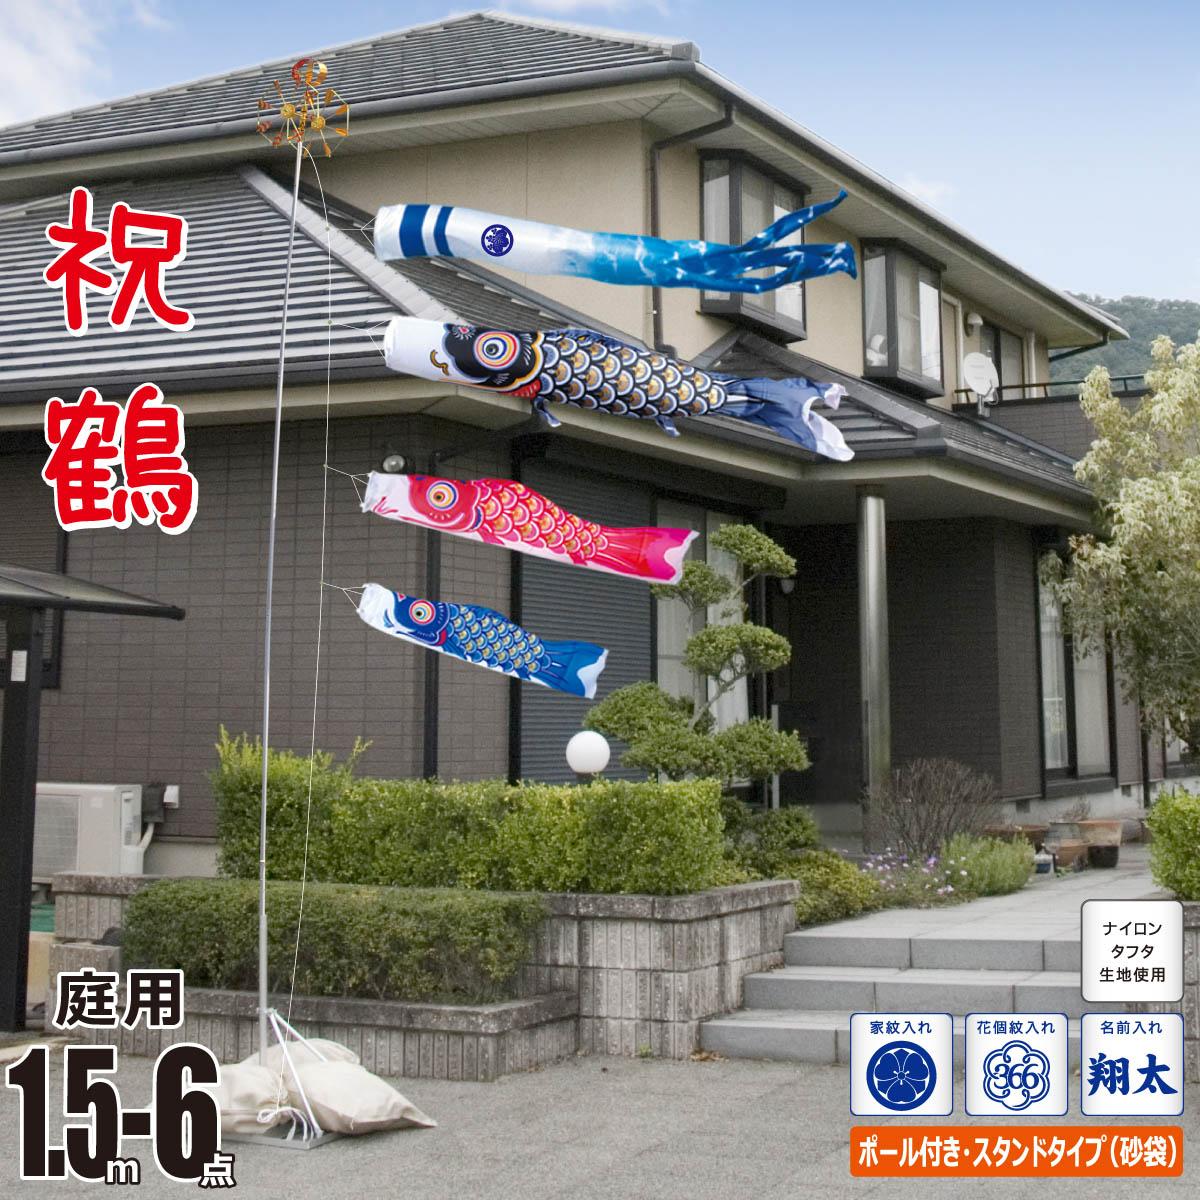 こいのぼり 1.5m 祝鶴 6点 (矢車、ロープ、吹流し、鯉3匹) 庭園用 スタンドセット (庭用 スタンド 砂袋3枚入り) 徳永鯉のぼり KIT-402-124-GS